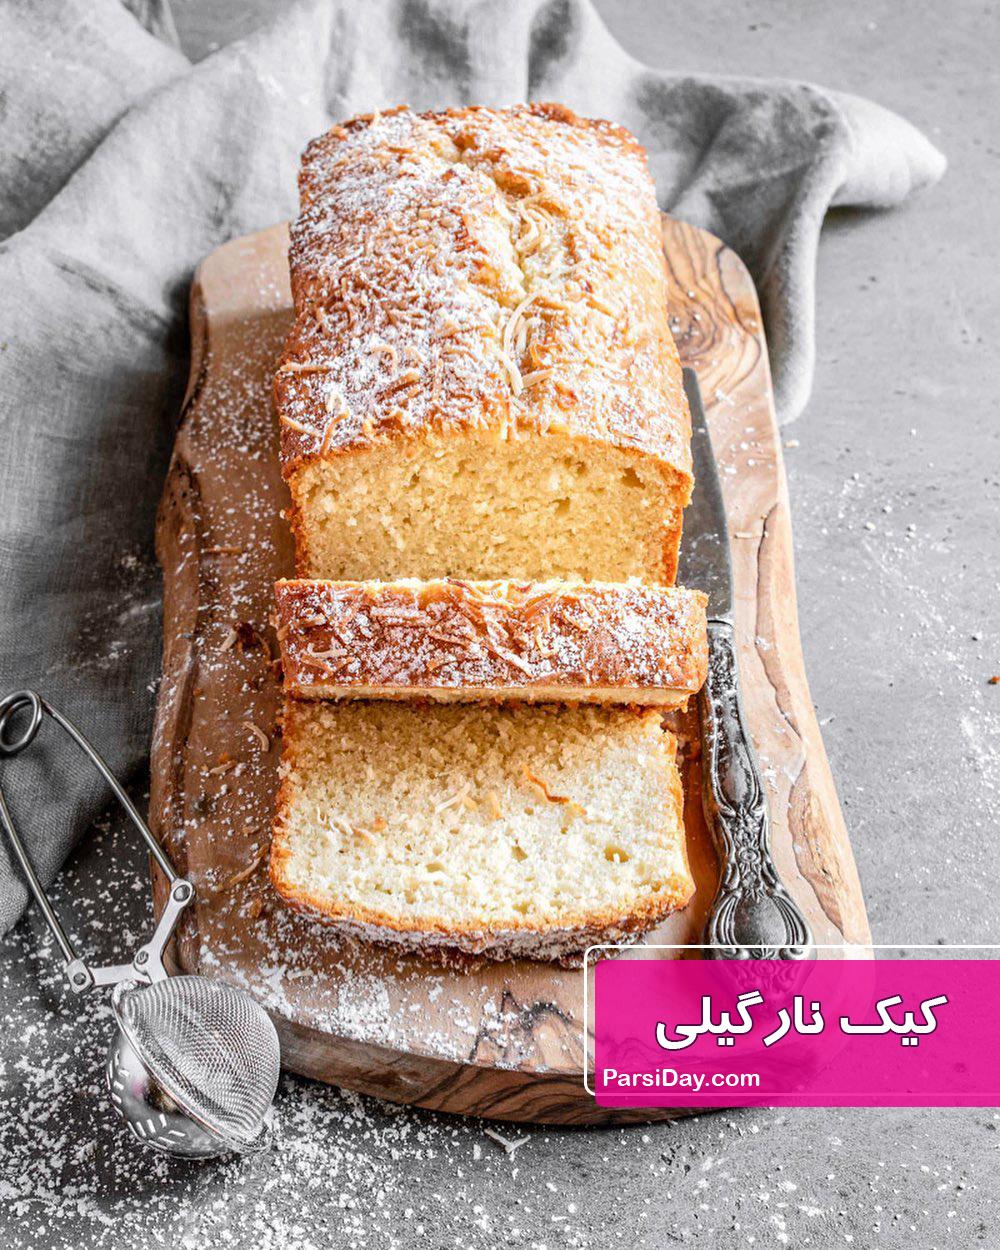 طرز تهیه کیک نارگیلی خانگی ساده و خوشمزه مرحله به مرحله